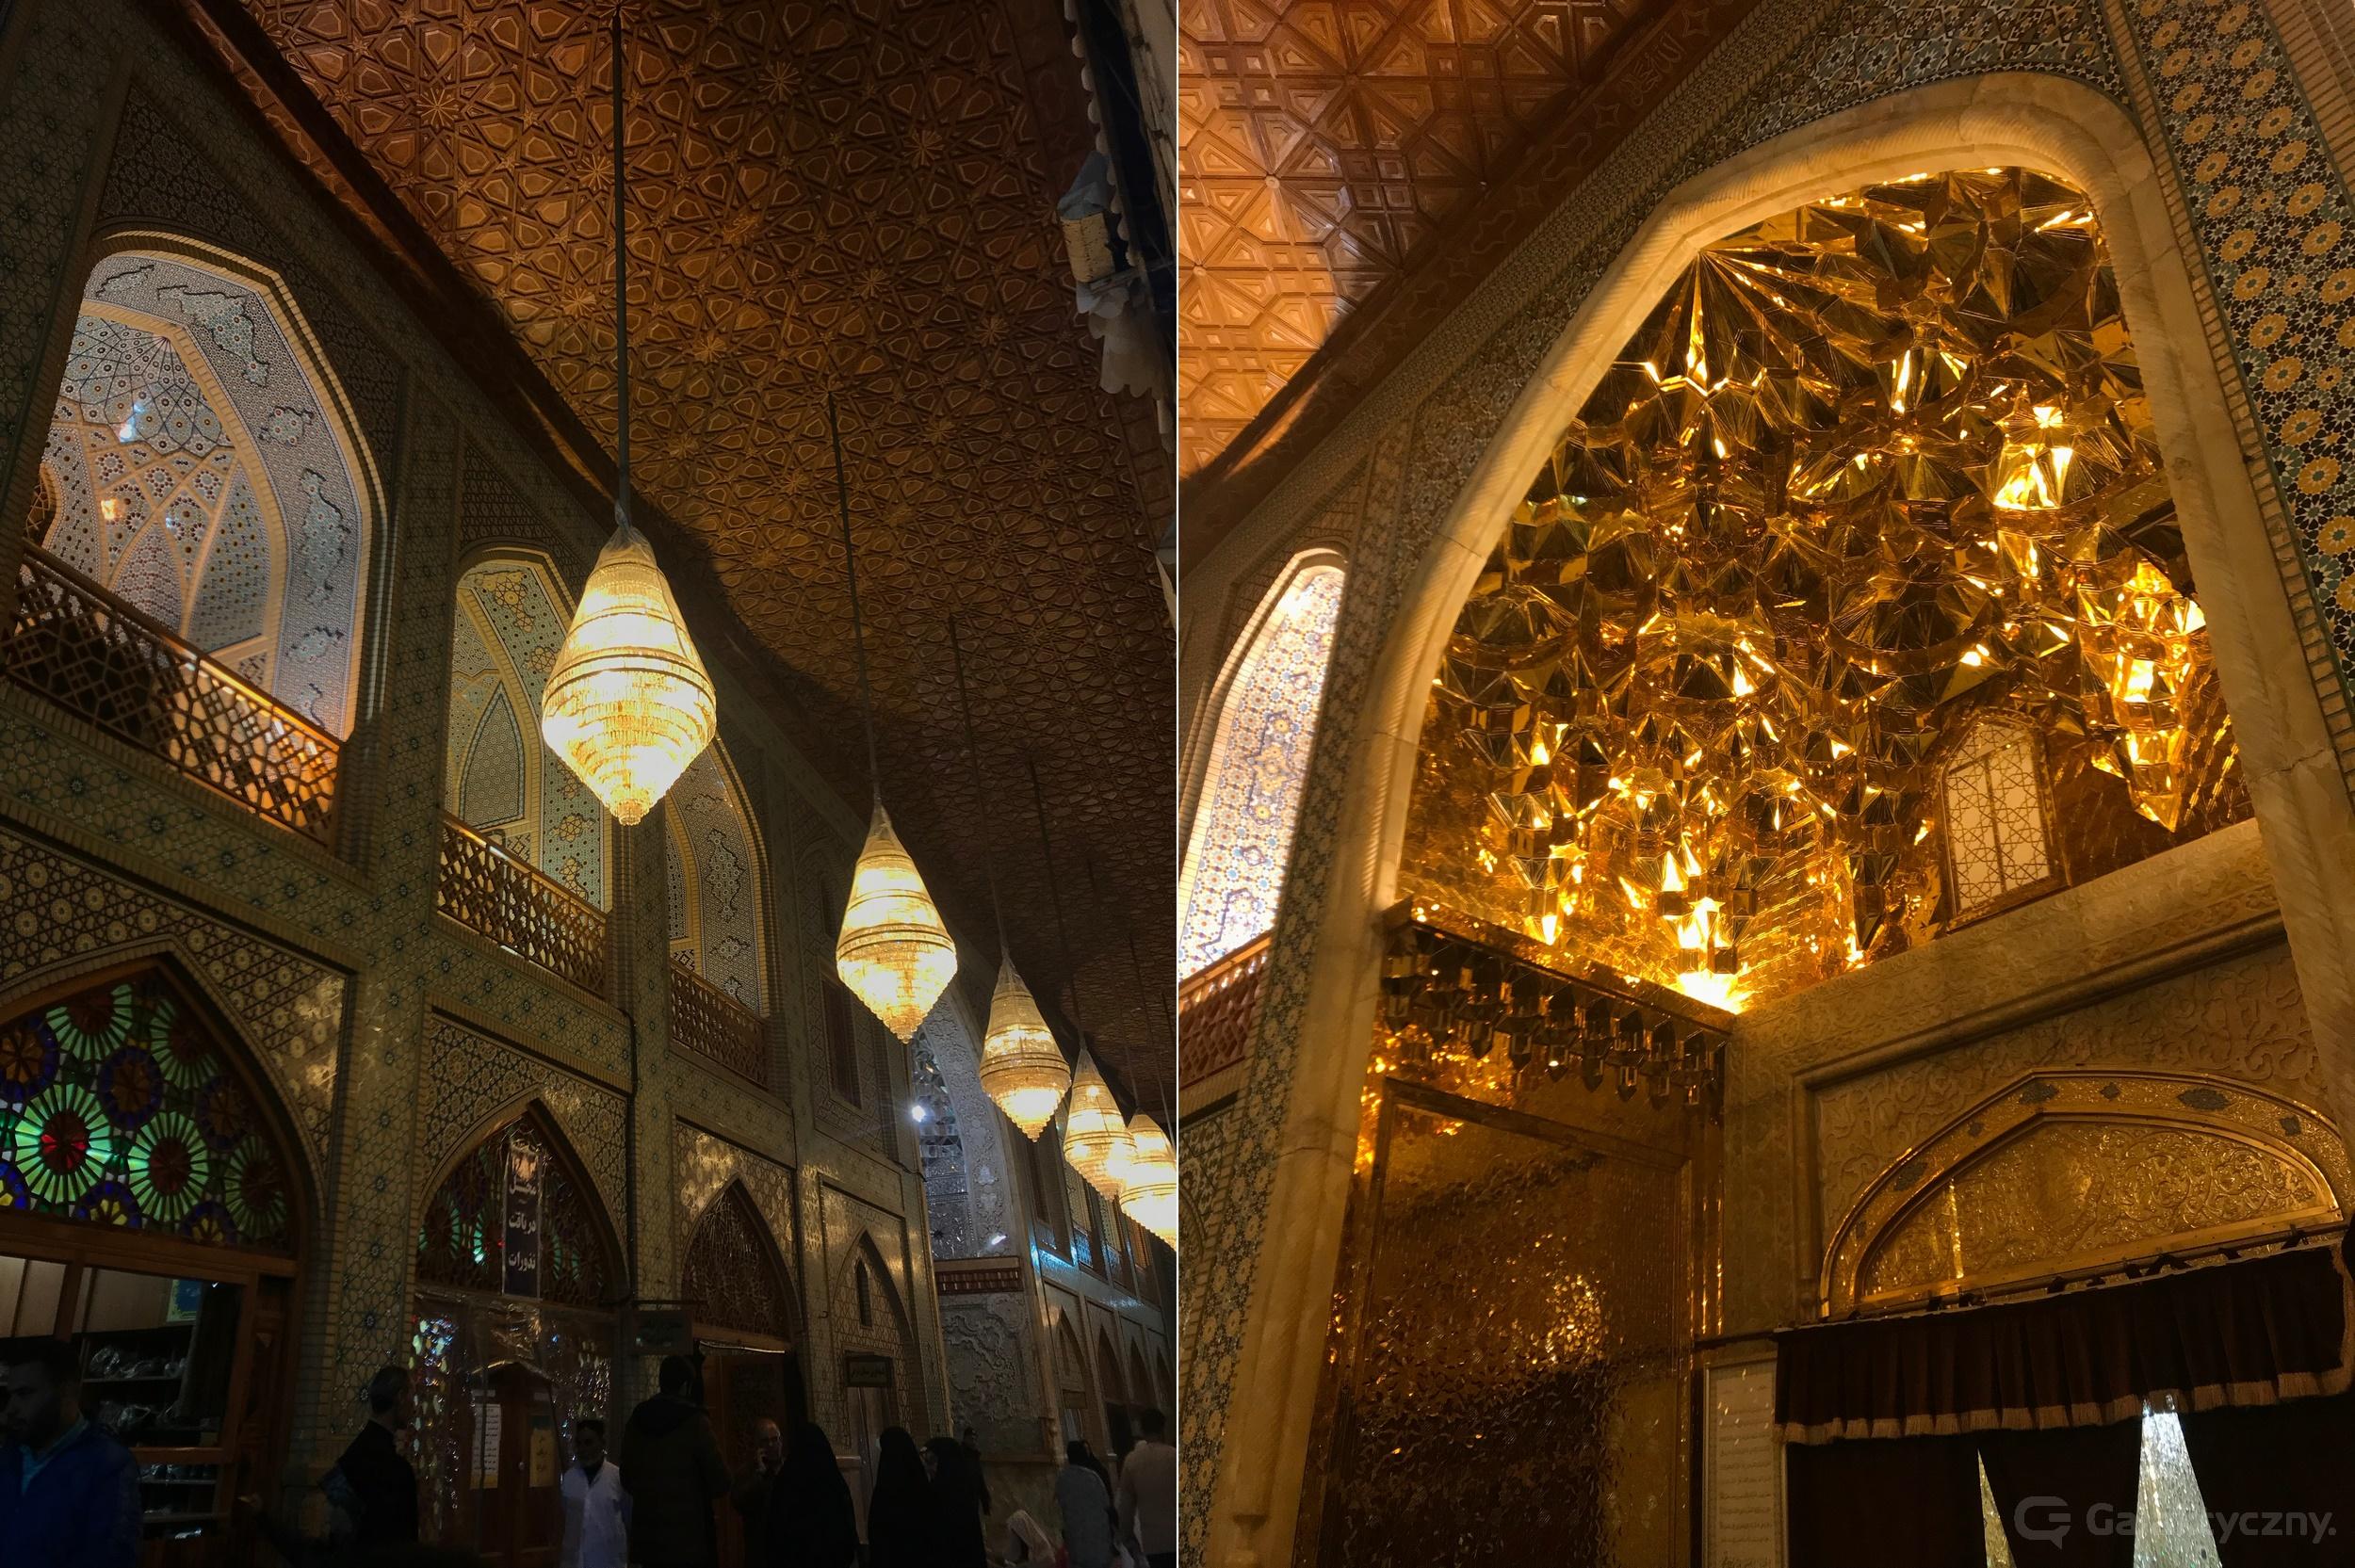 W meczecie nie brakuje także złota.